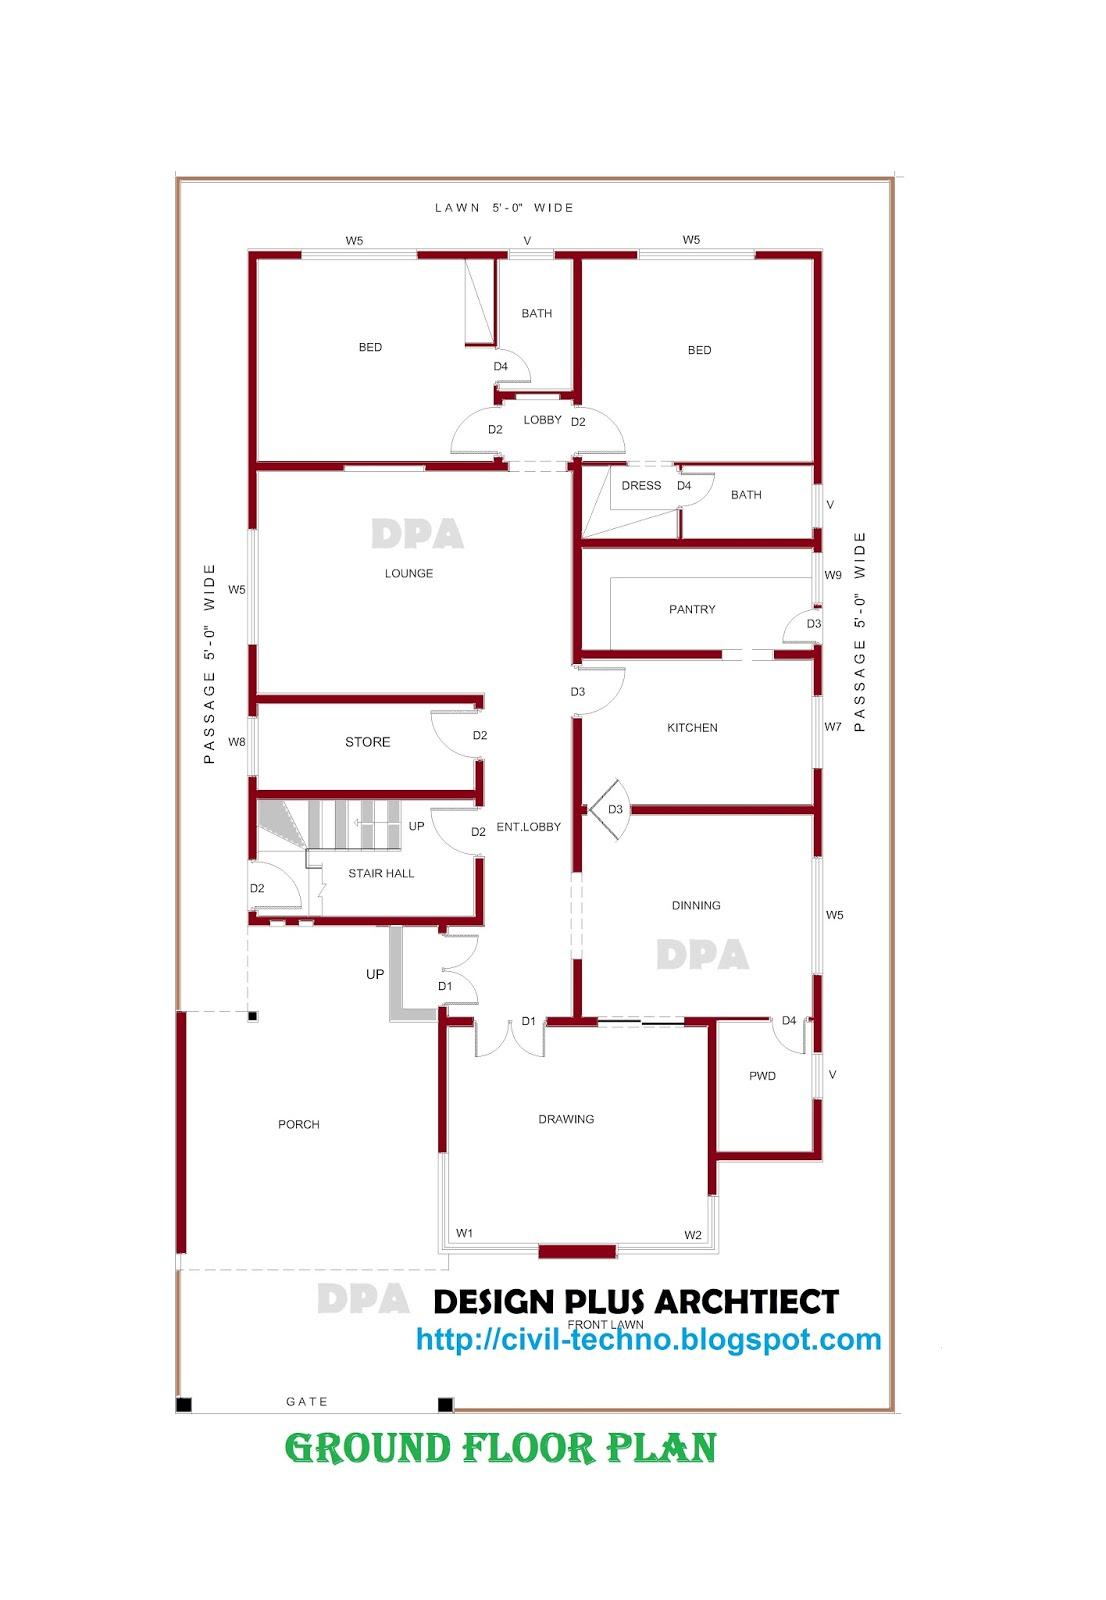 home plans pakistan home decor architect designer planhouse house plans home plans plan designers simple planhouse